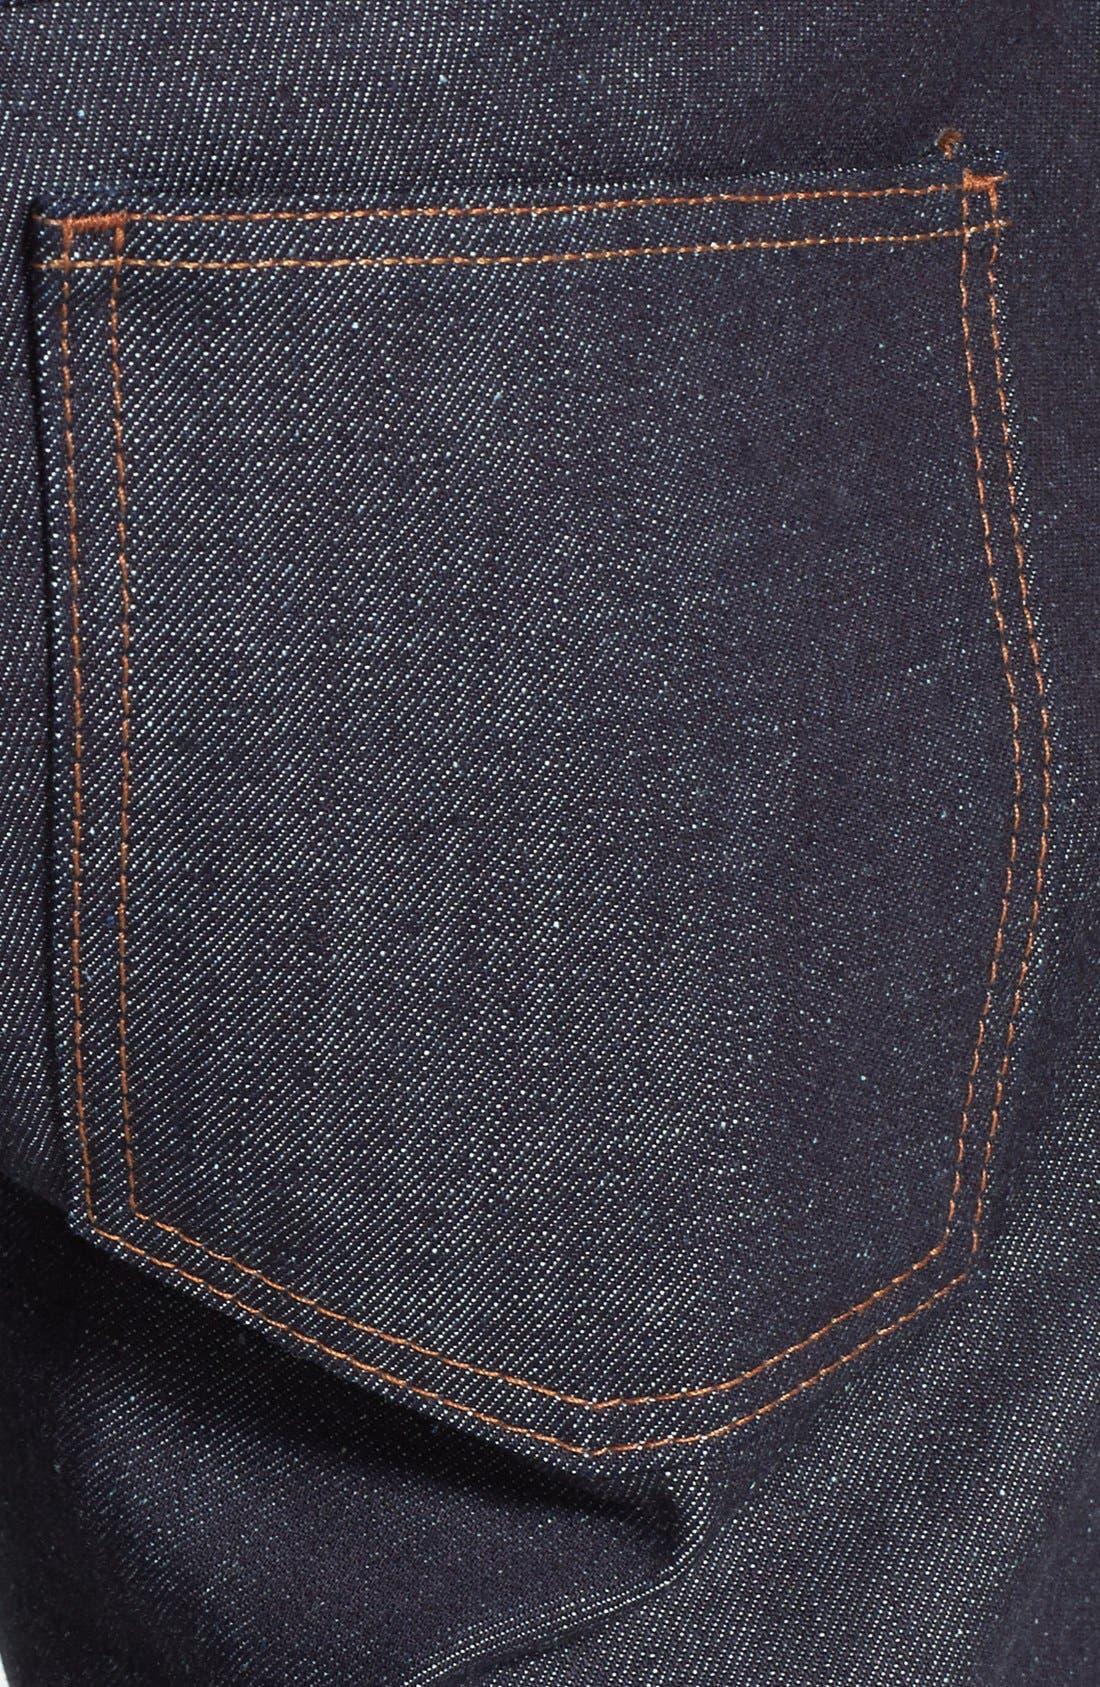 Alternate Image 4  - Naked & Famous Denim 'Slim Guy' Straight Leg Jeans (Indigo) (Online Only)